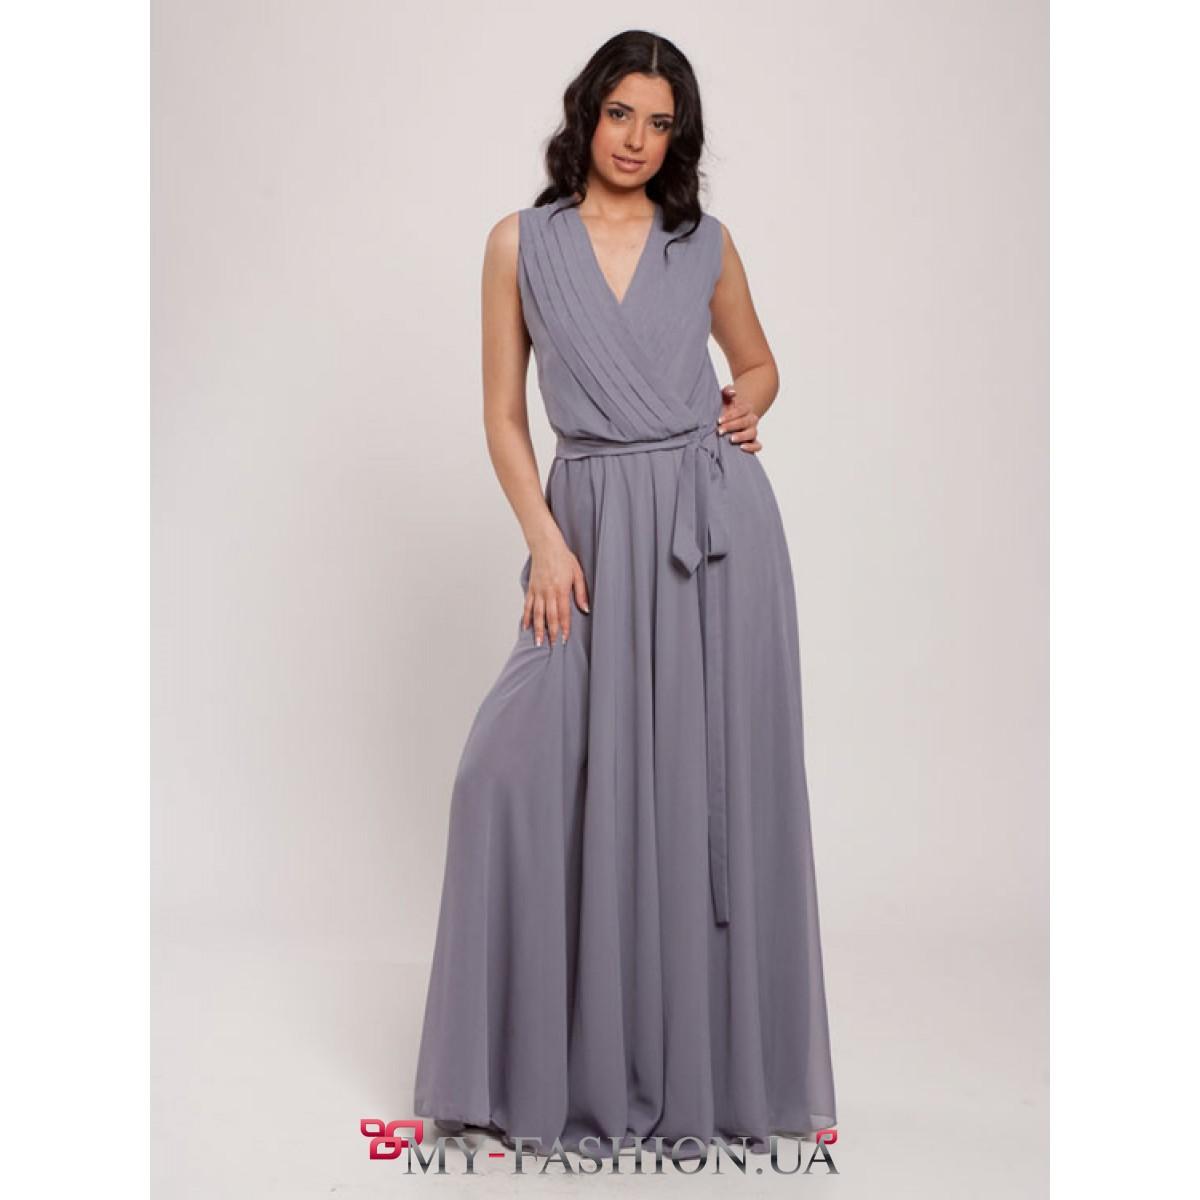 Сон застегивать платье